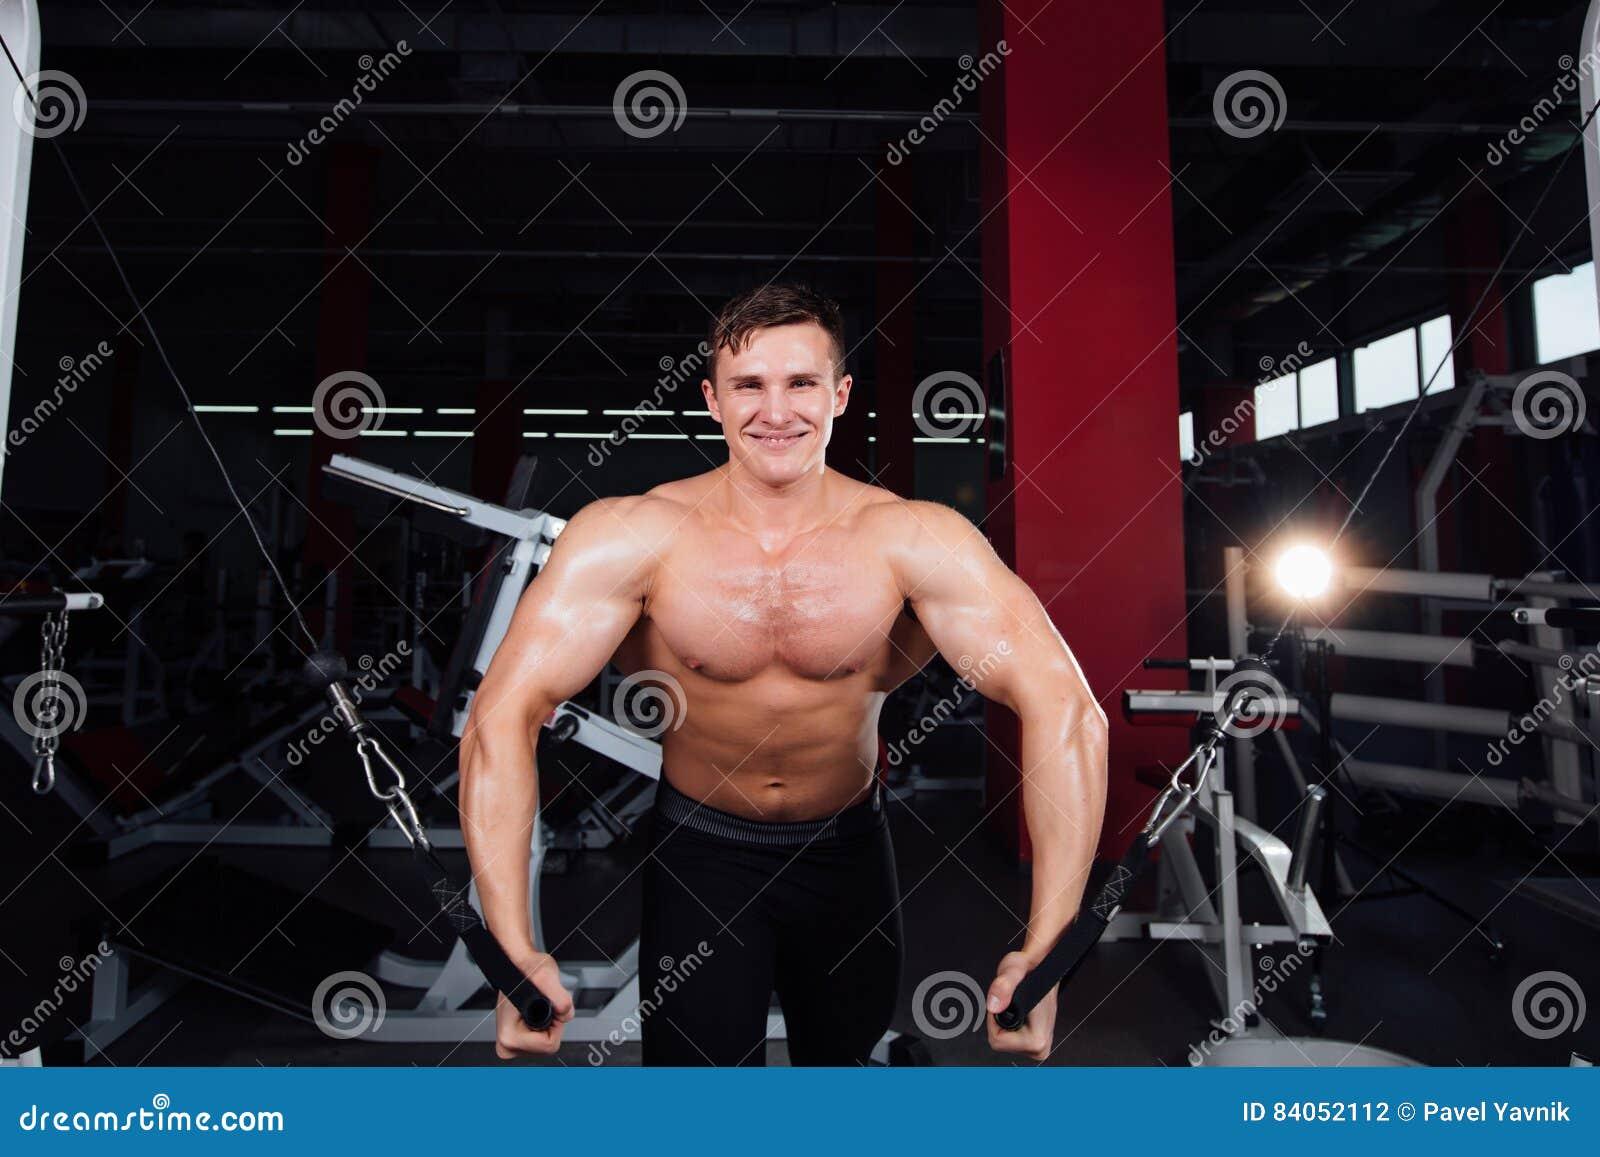 没有衬衣的大强的bodybuider展示天桥锻炼 胸肌和坚硬训练